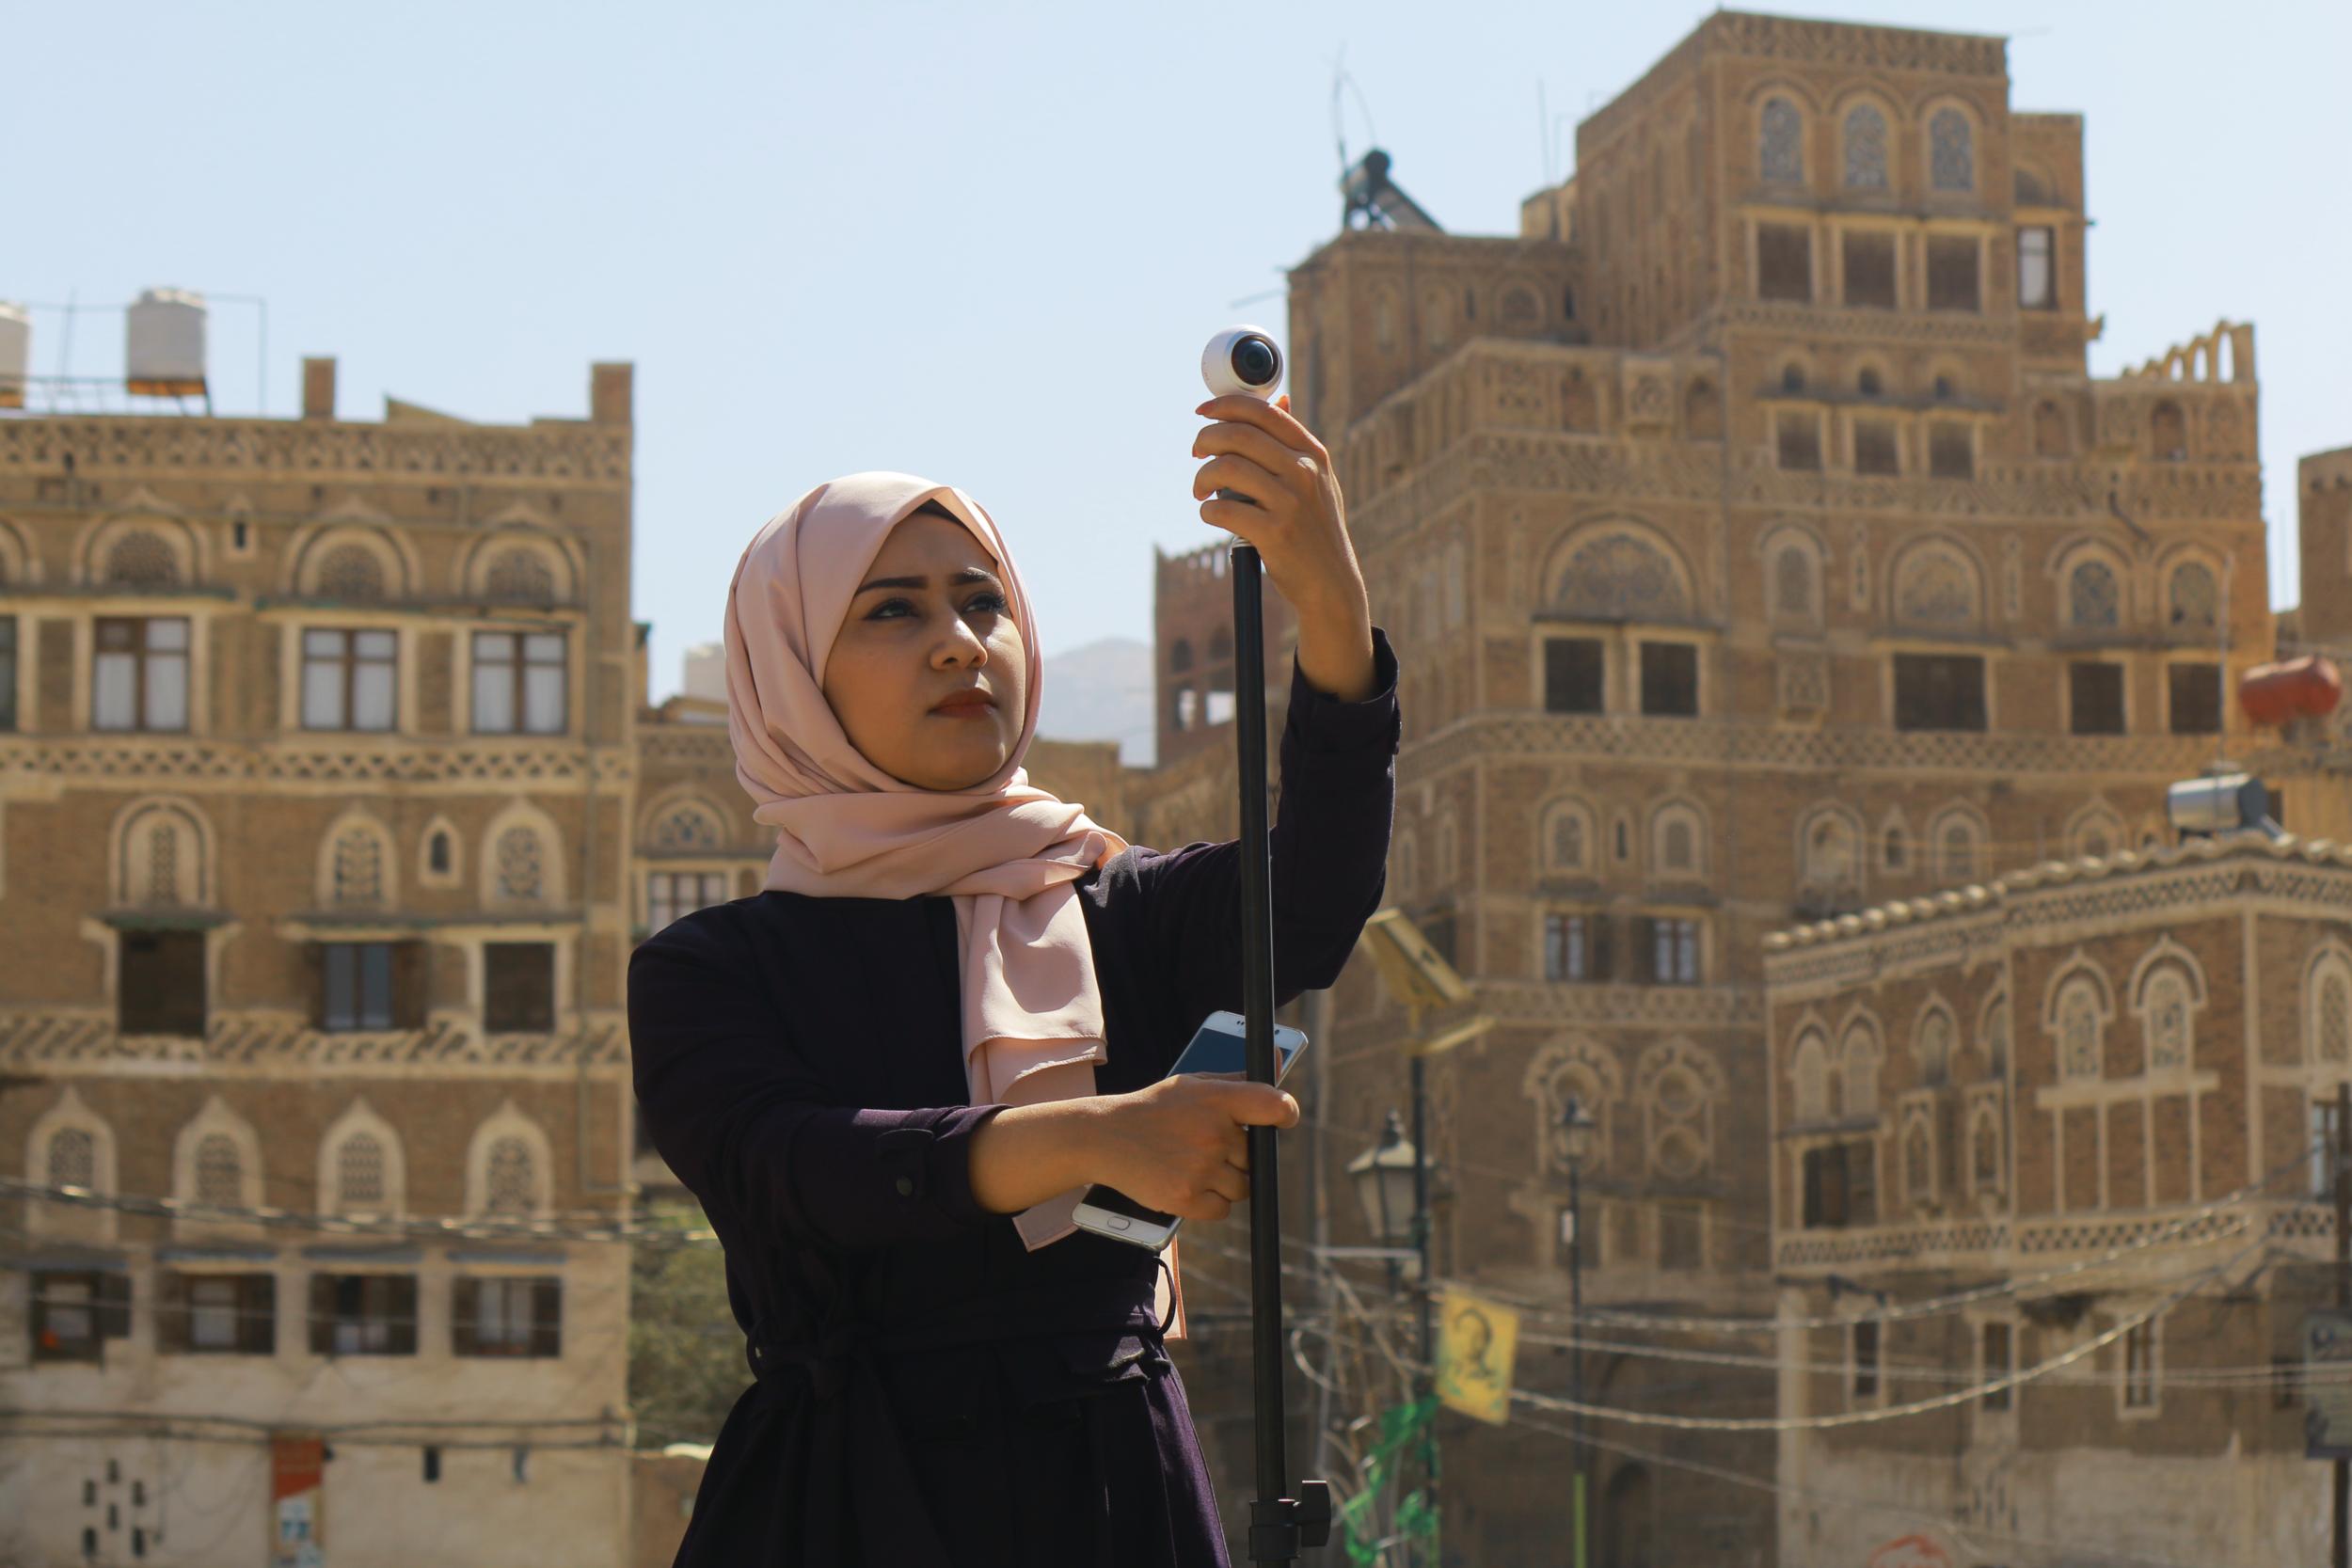 منال الأمل - مع دخول اليمن عامها الخامس من الحرب، تقوم صحفيتان محليتان، منال وأمل ، برواية قصص الأطفال والأمهات اليمنيات الذين يعيشون في قلب أسوأ أزمة إنسانية في العالم